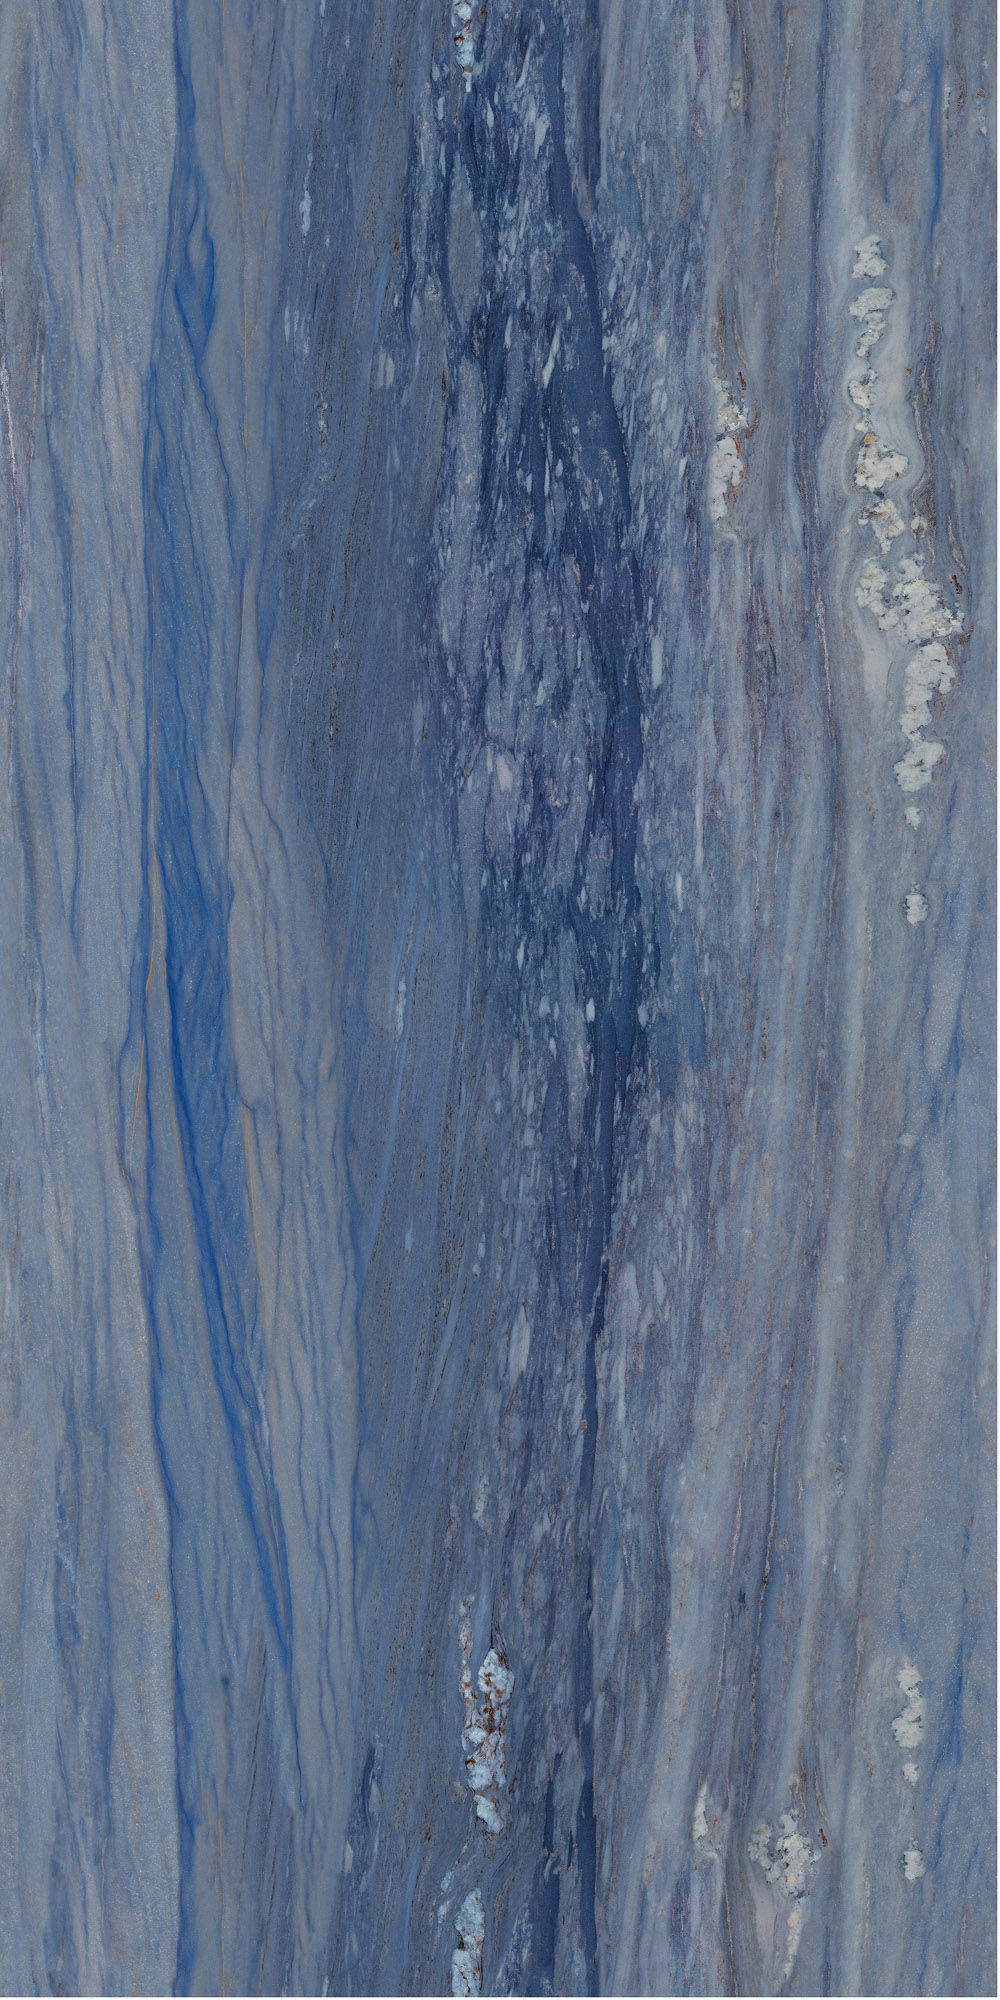 宏宇陶瓷-HPEBM1890015维多利亚蓝